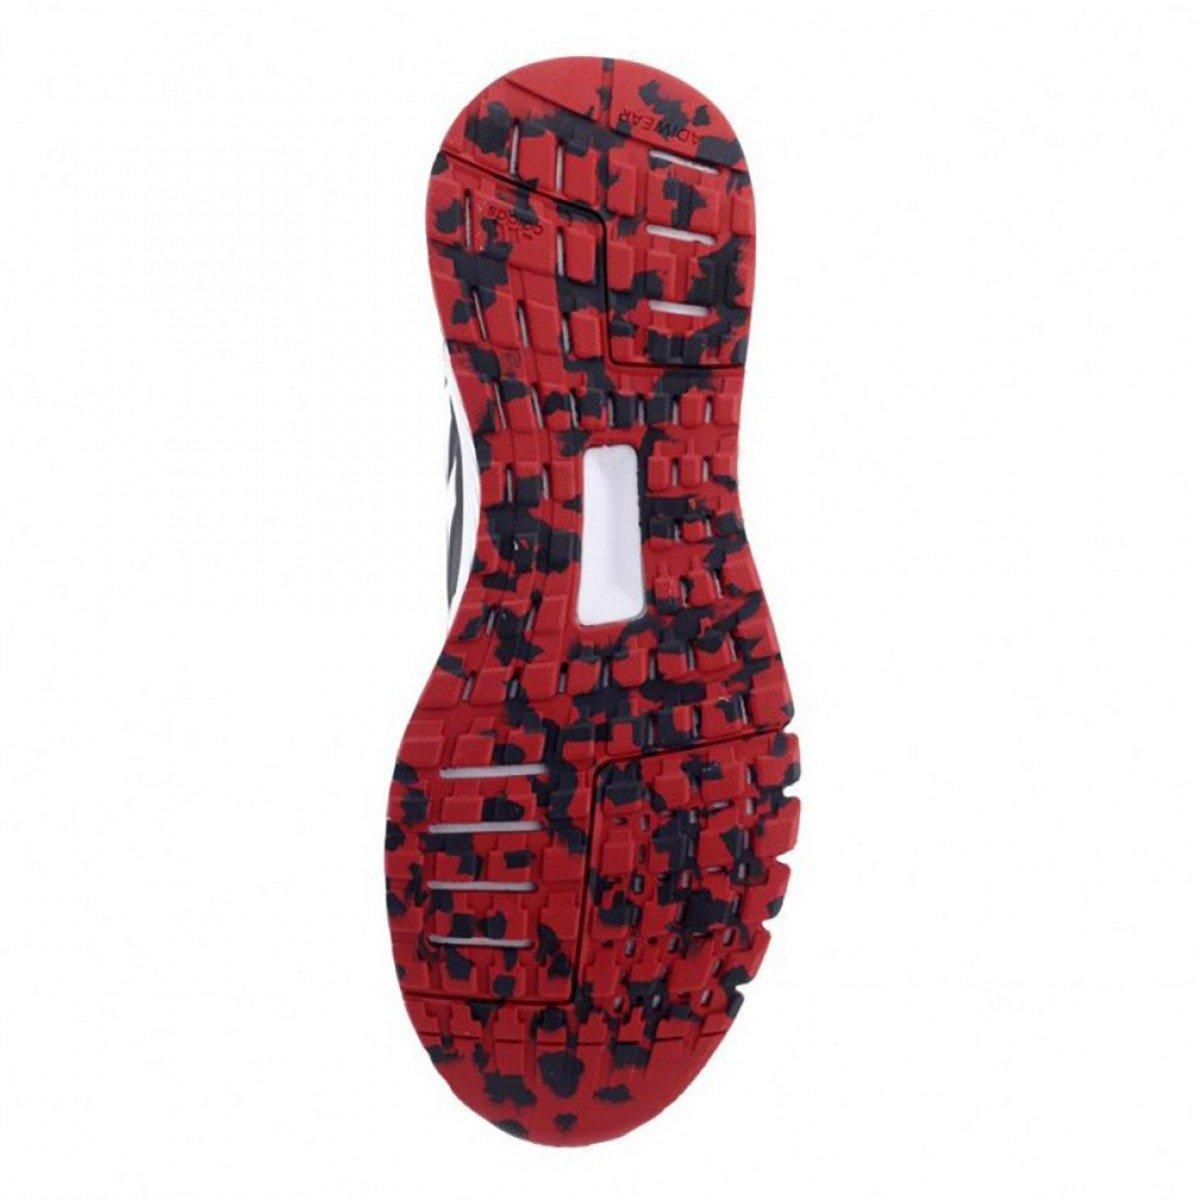 d2e194608be ... Tênis Adidas Skyfreeze 2 Masculino - Grafite e Vermelho